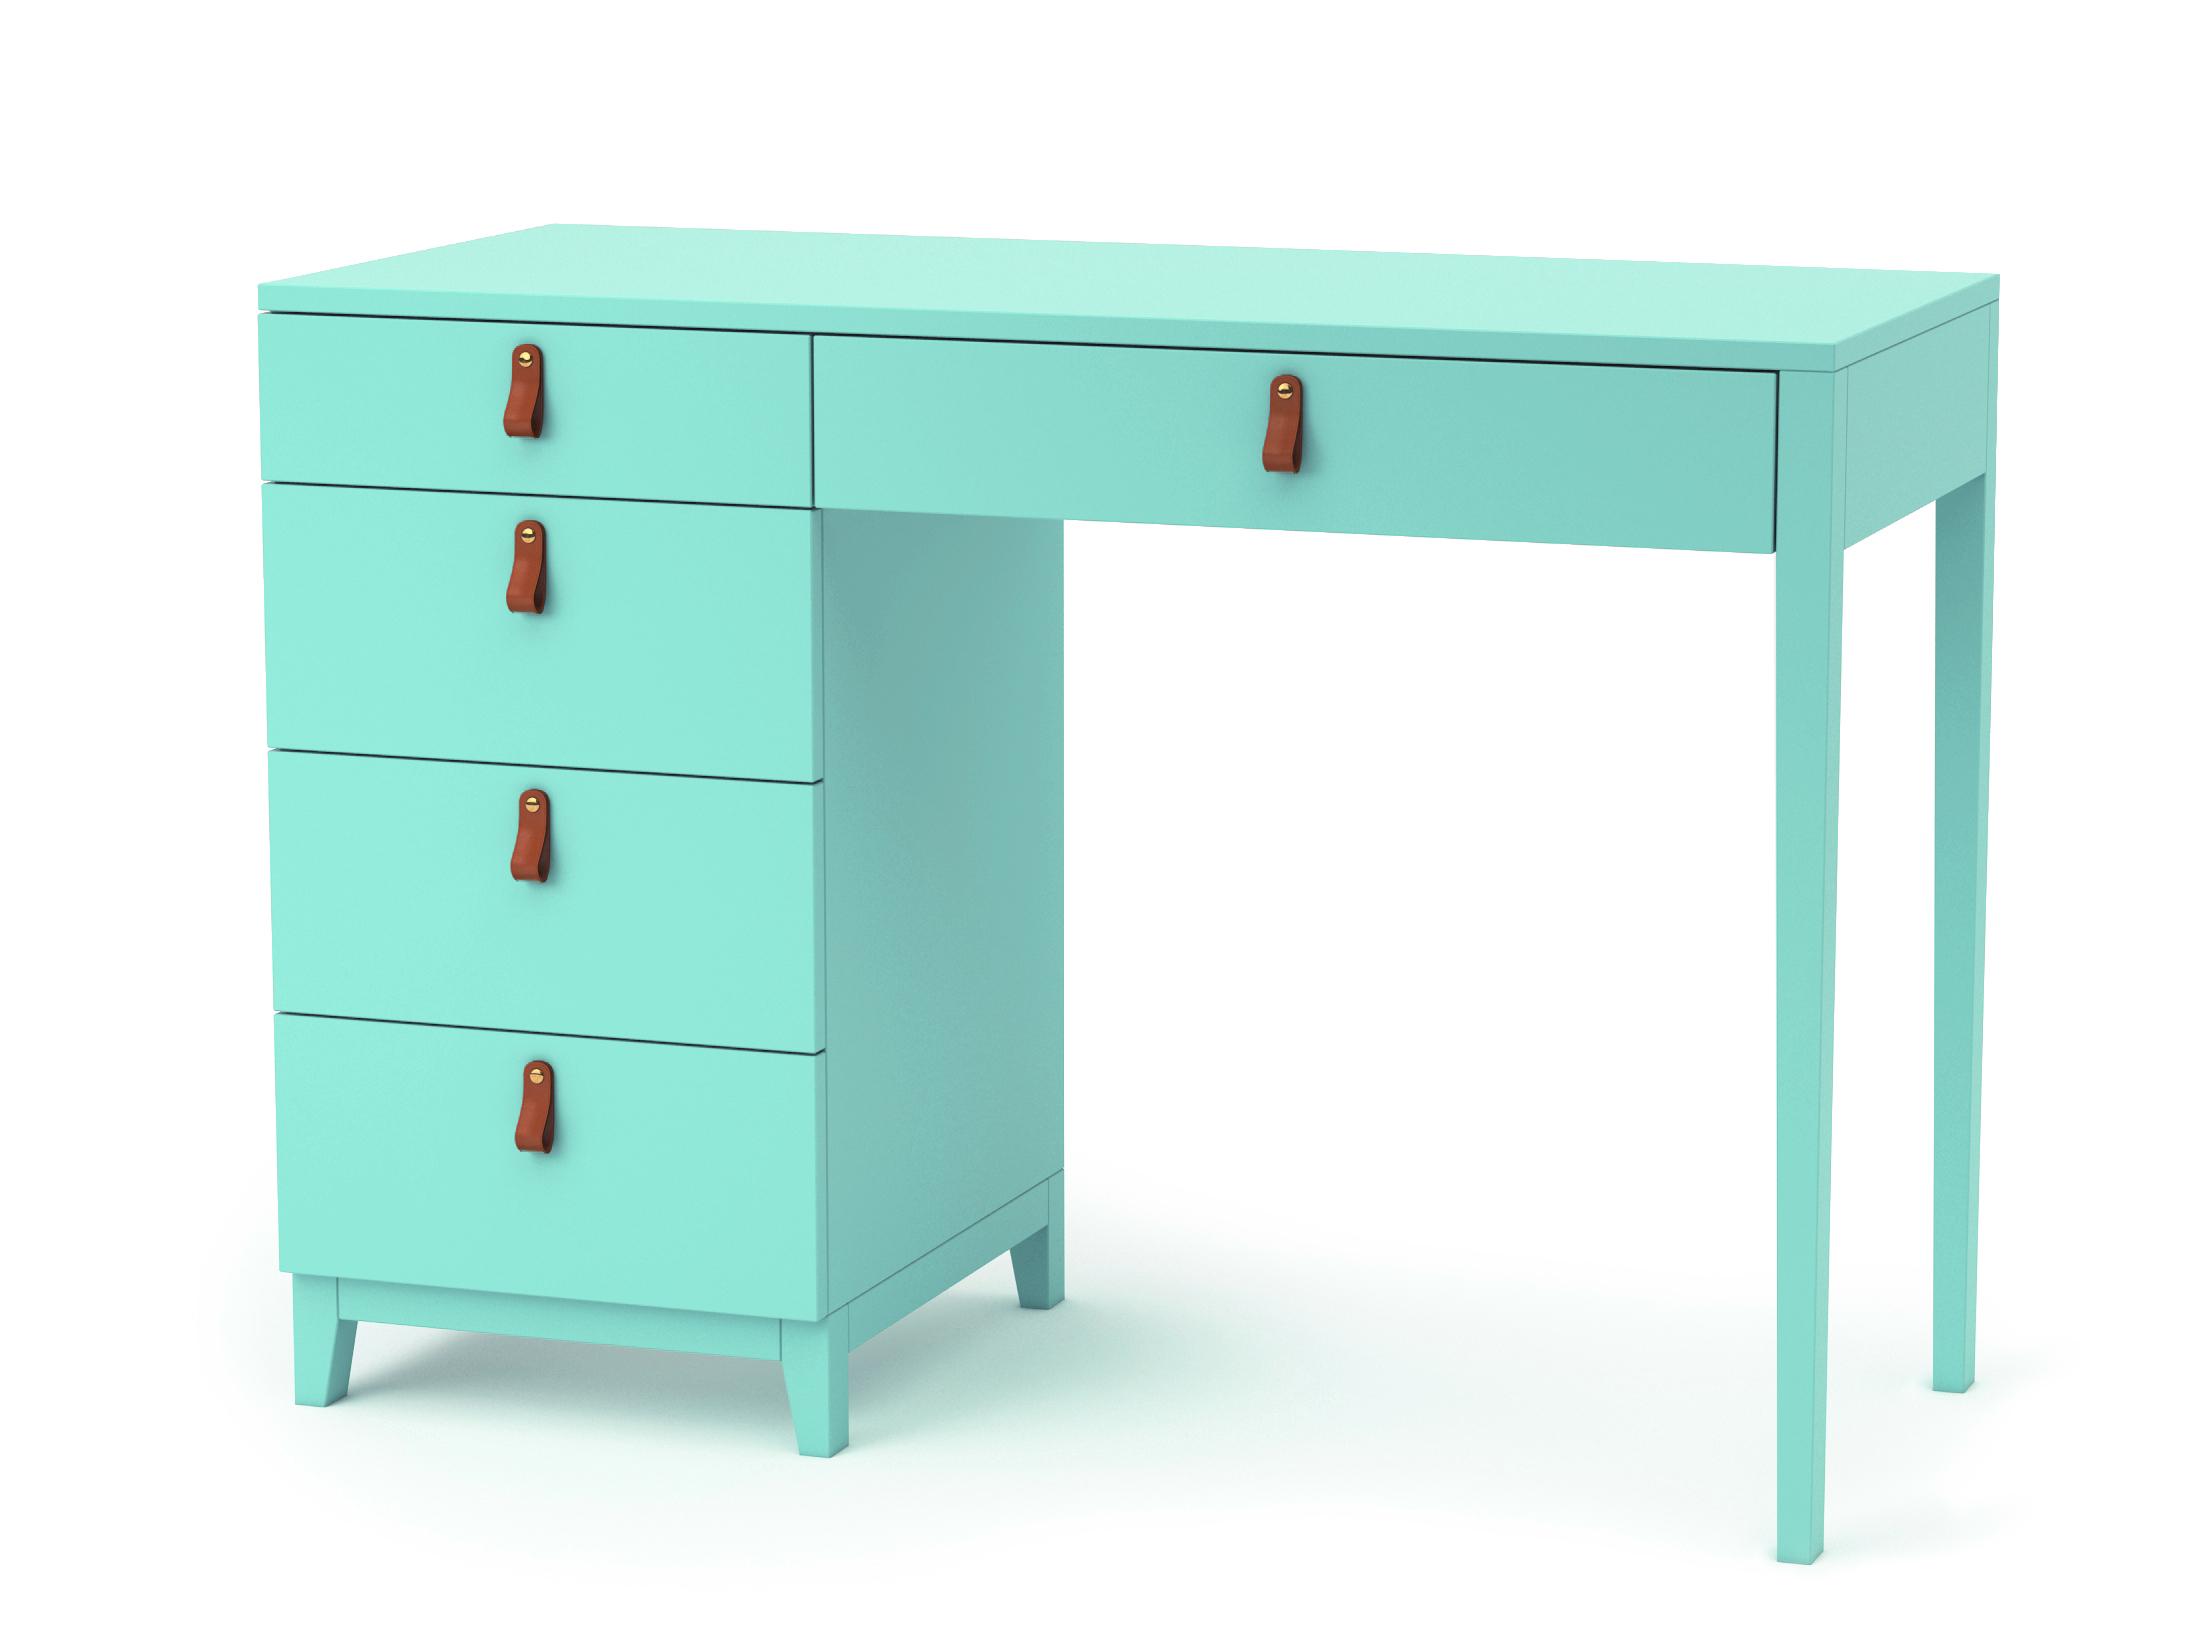 Консольный столикJAGGERПисьменные столы<br>Консольный стол&amp;amp;nbsp;Jagger &amp;amp;nbsp;обладает лаконичным дизайном с изысканными кожаными ручками и универсальными характеристиками. Стол Jagger будет органично смотреться как в компактных, так и в больших пространствах. В небольших помещениях может использоваться в качестве письменного стола. Доступен в лево- и правостороннем варианте исполнения.&amp;lt;div&amp;gt;&amp;lt;br&amp;gt;&amp;lt;/div&amp;gt;&amp;lt;div&amp;gt;Материал:&amp;amp;nbsp;Массив дуба, МДФ, эмаль, лак&amp;lt;br&amp;gt;&amp;lt;/div&amp;gt;<br><br>Material: Дерево<br>Ширина см: 100<br>Высота см: 75<br>Глубина см: 50